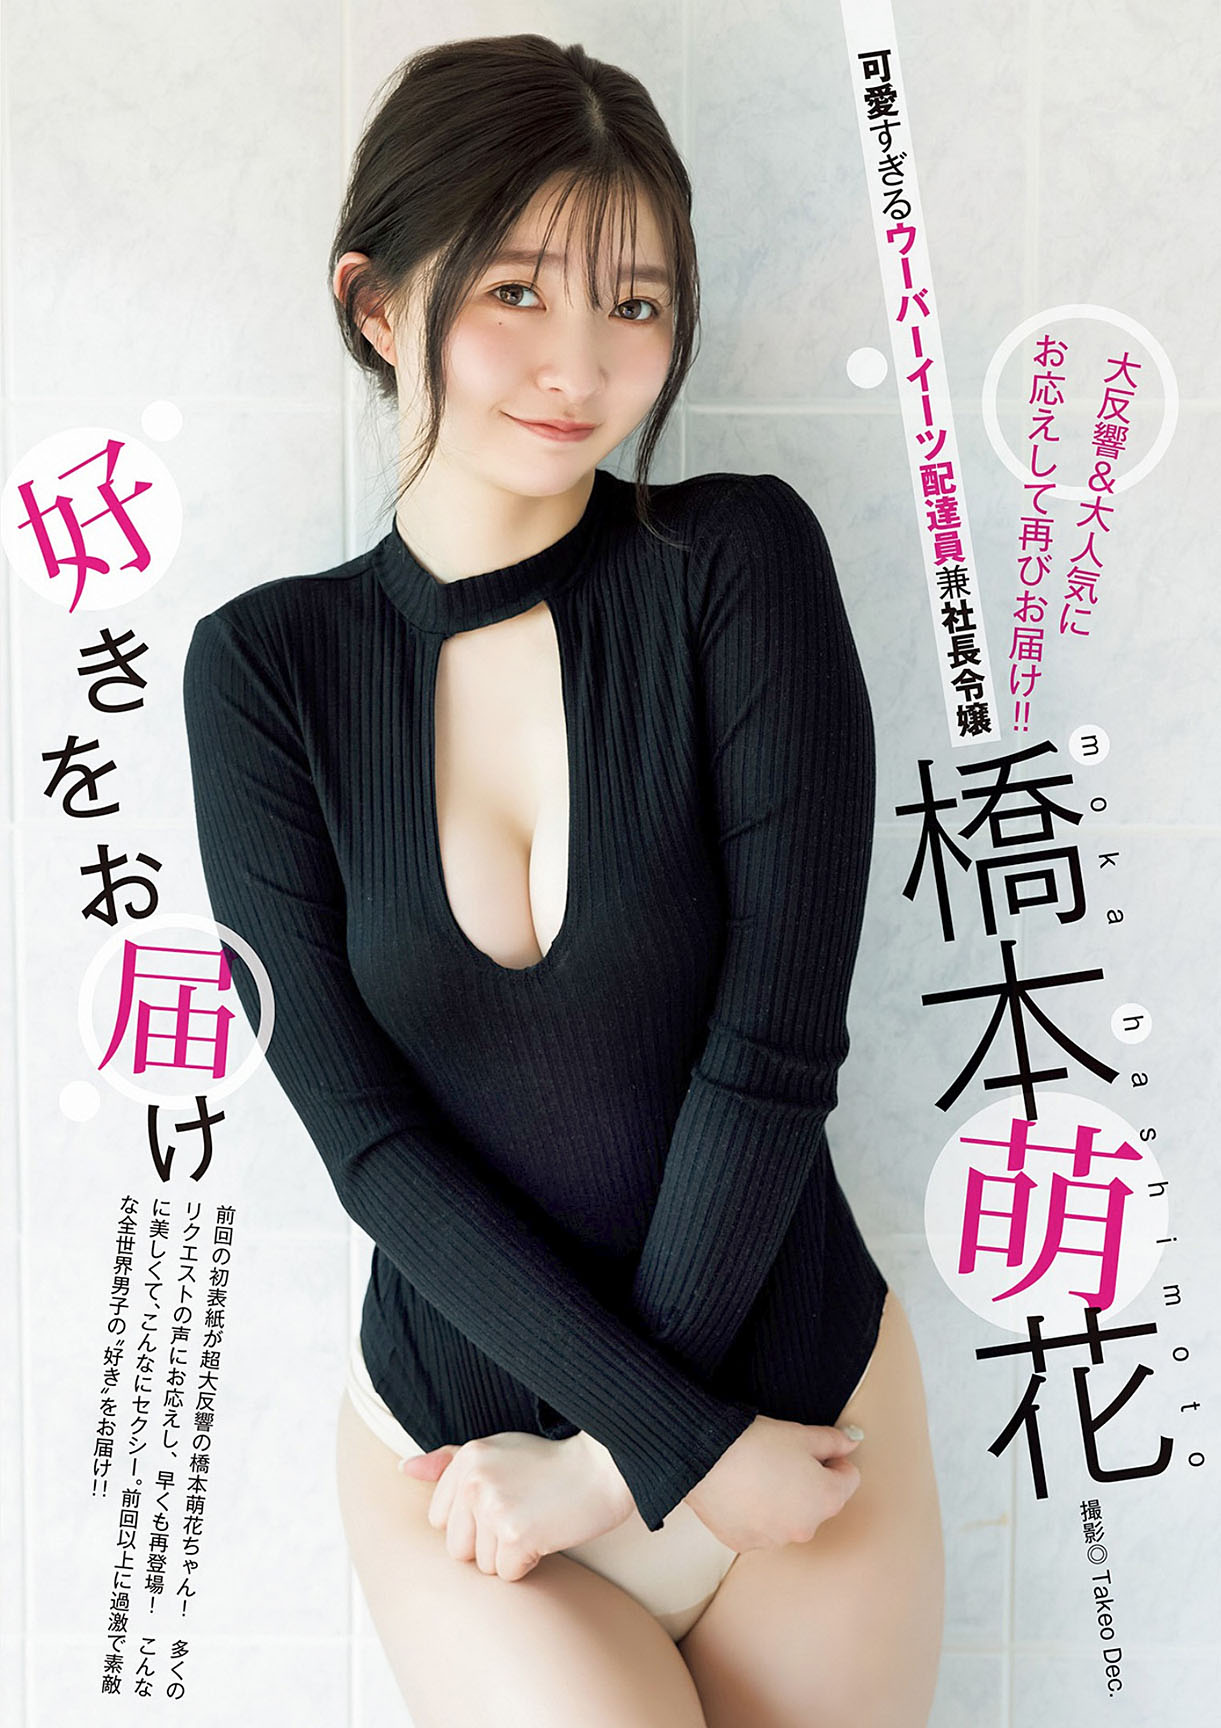 Moka Hashimoto Young Jump 210617 02.jpg